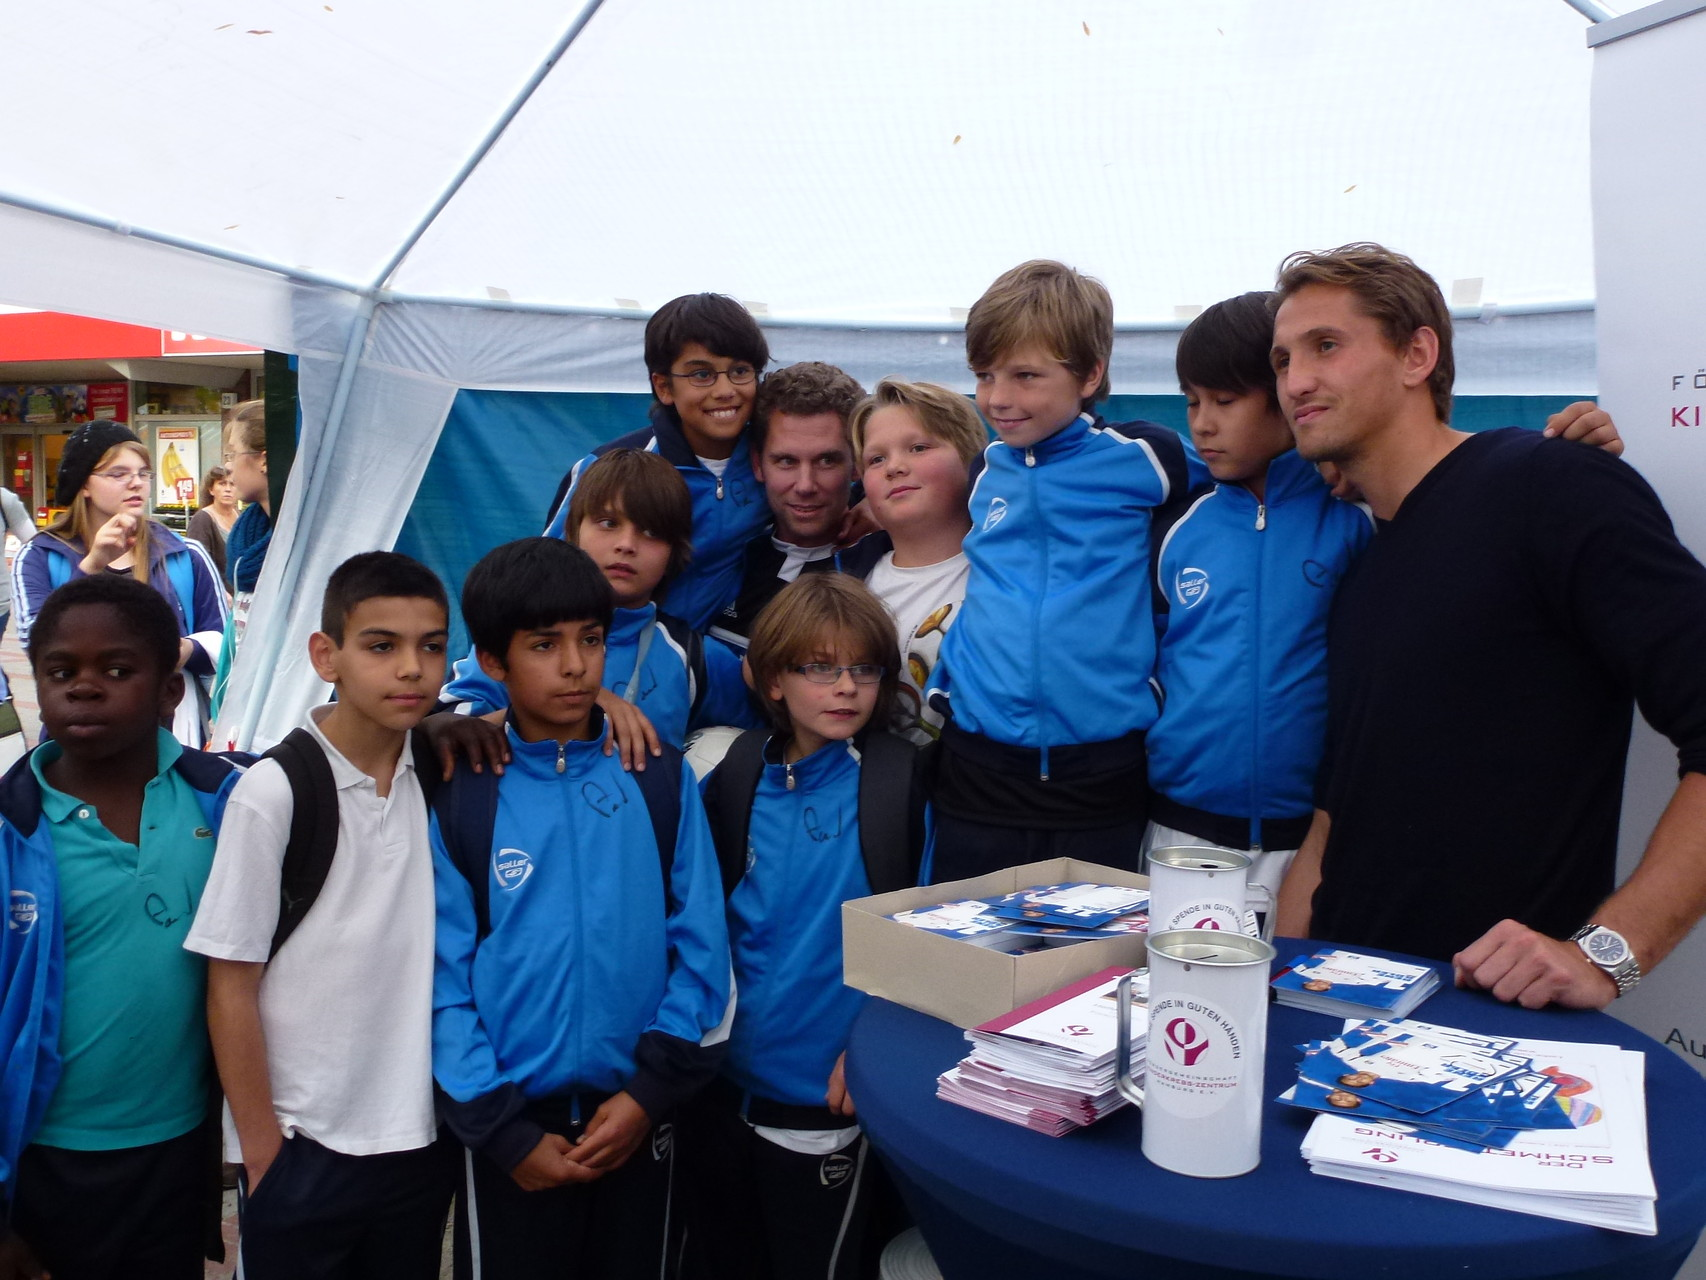 2011/2012 – 3. E-Junioren (Autogrammstunde mit Rene Adler)